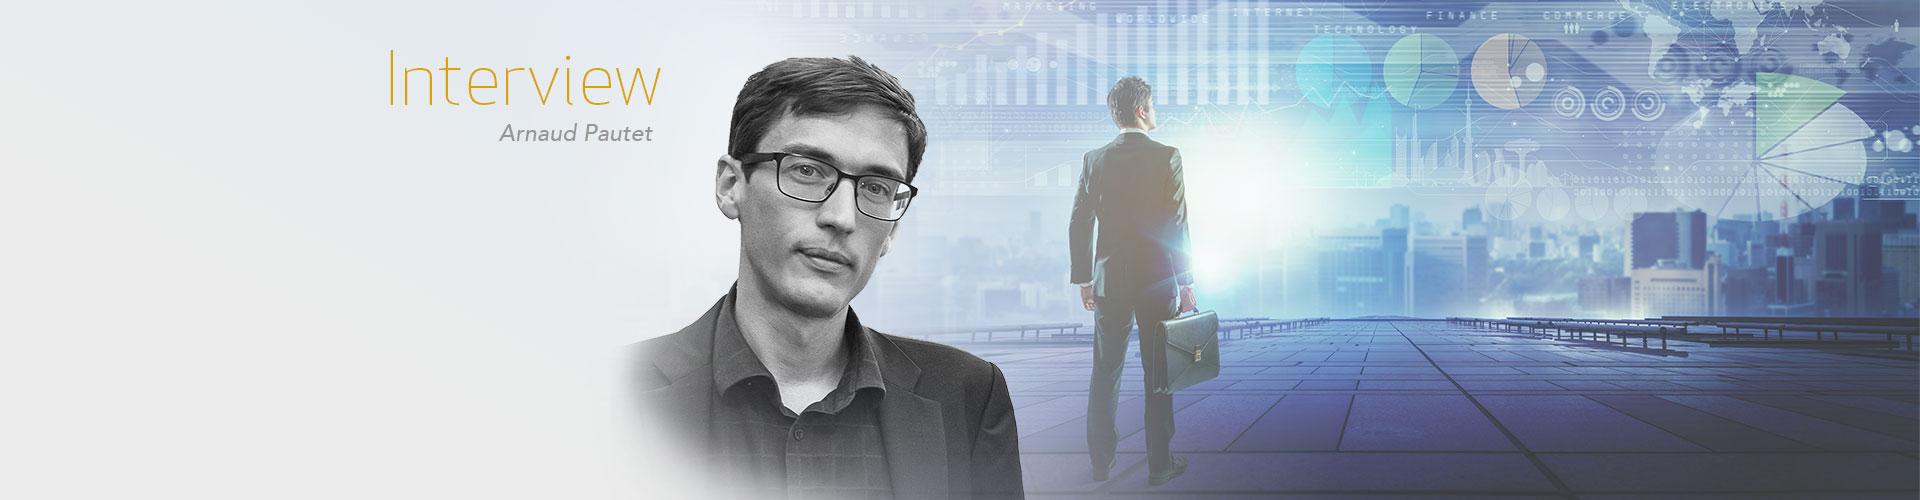 Les défis du capitalisme - Interview Arnaud Pautet